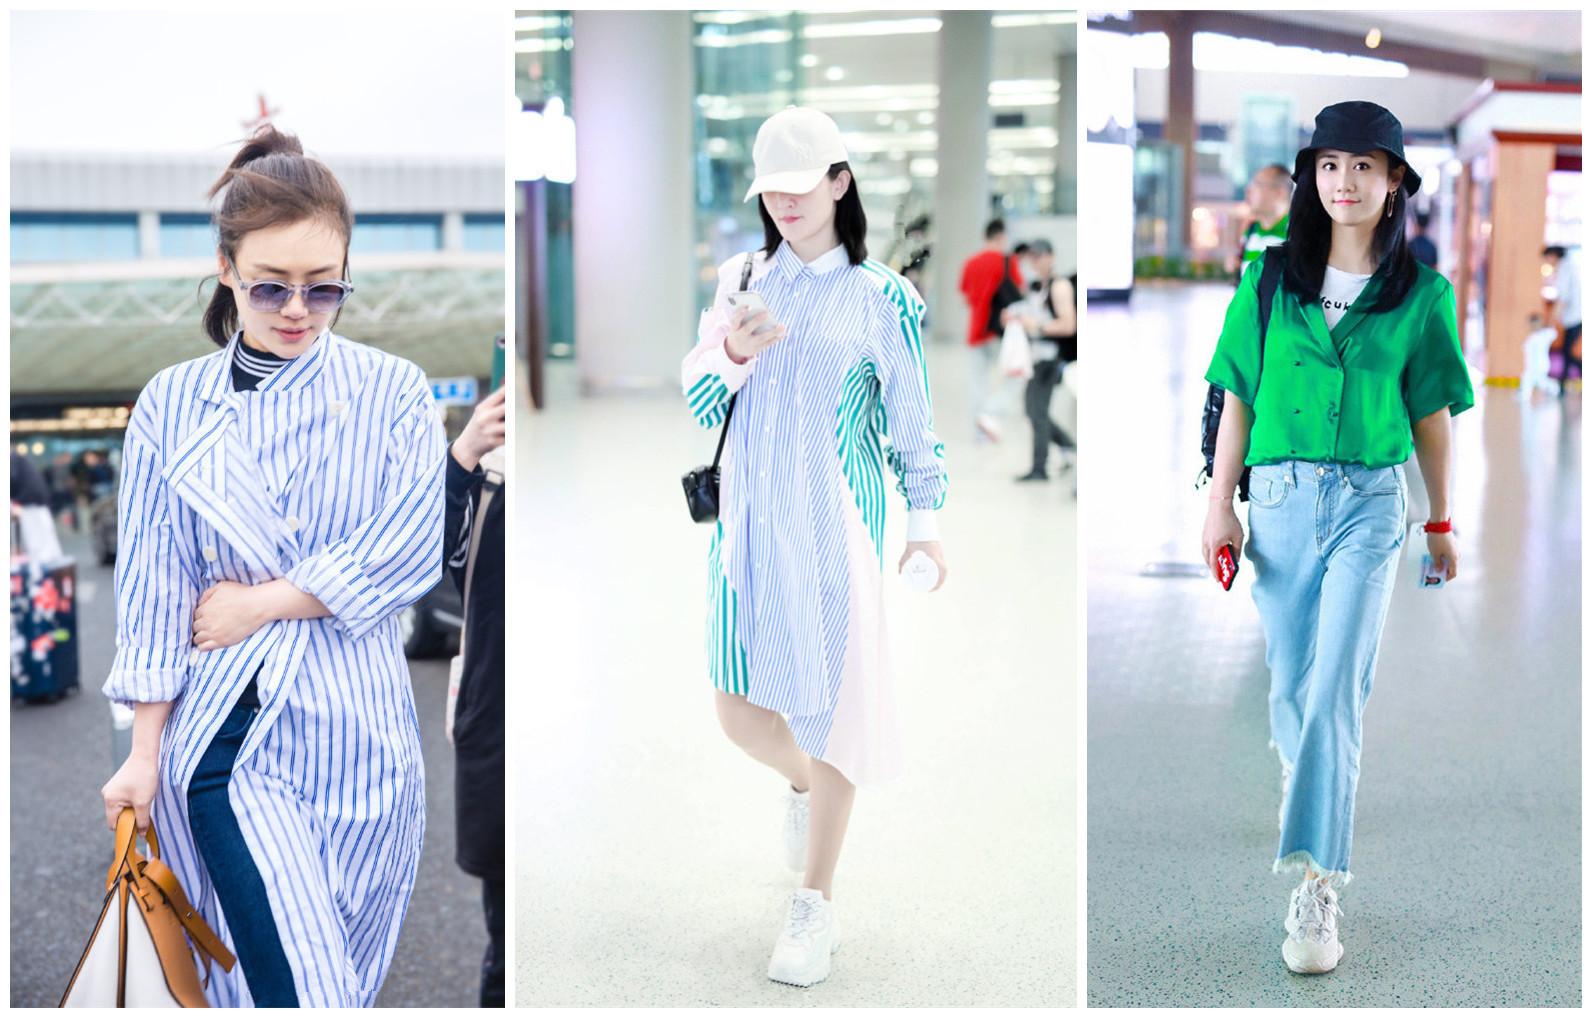 谢娜当妈后私服衣品开挂,穿5千块的衬衫裙现机场,少女感十足